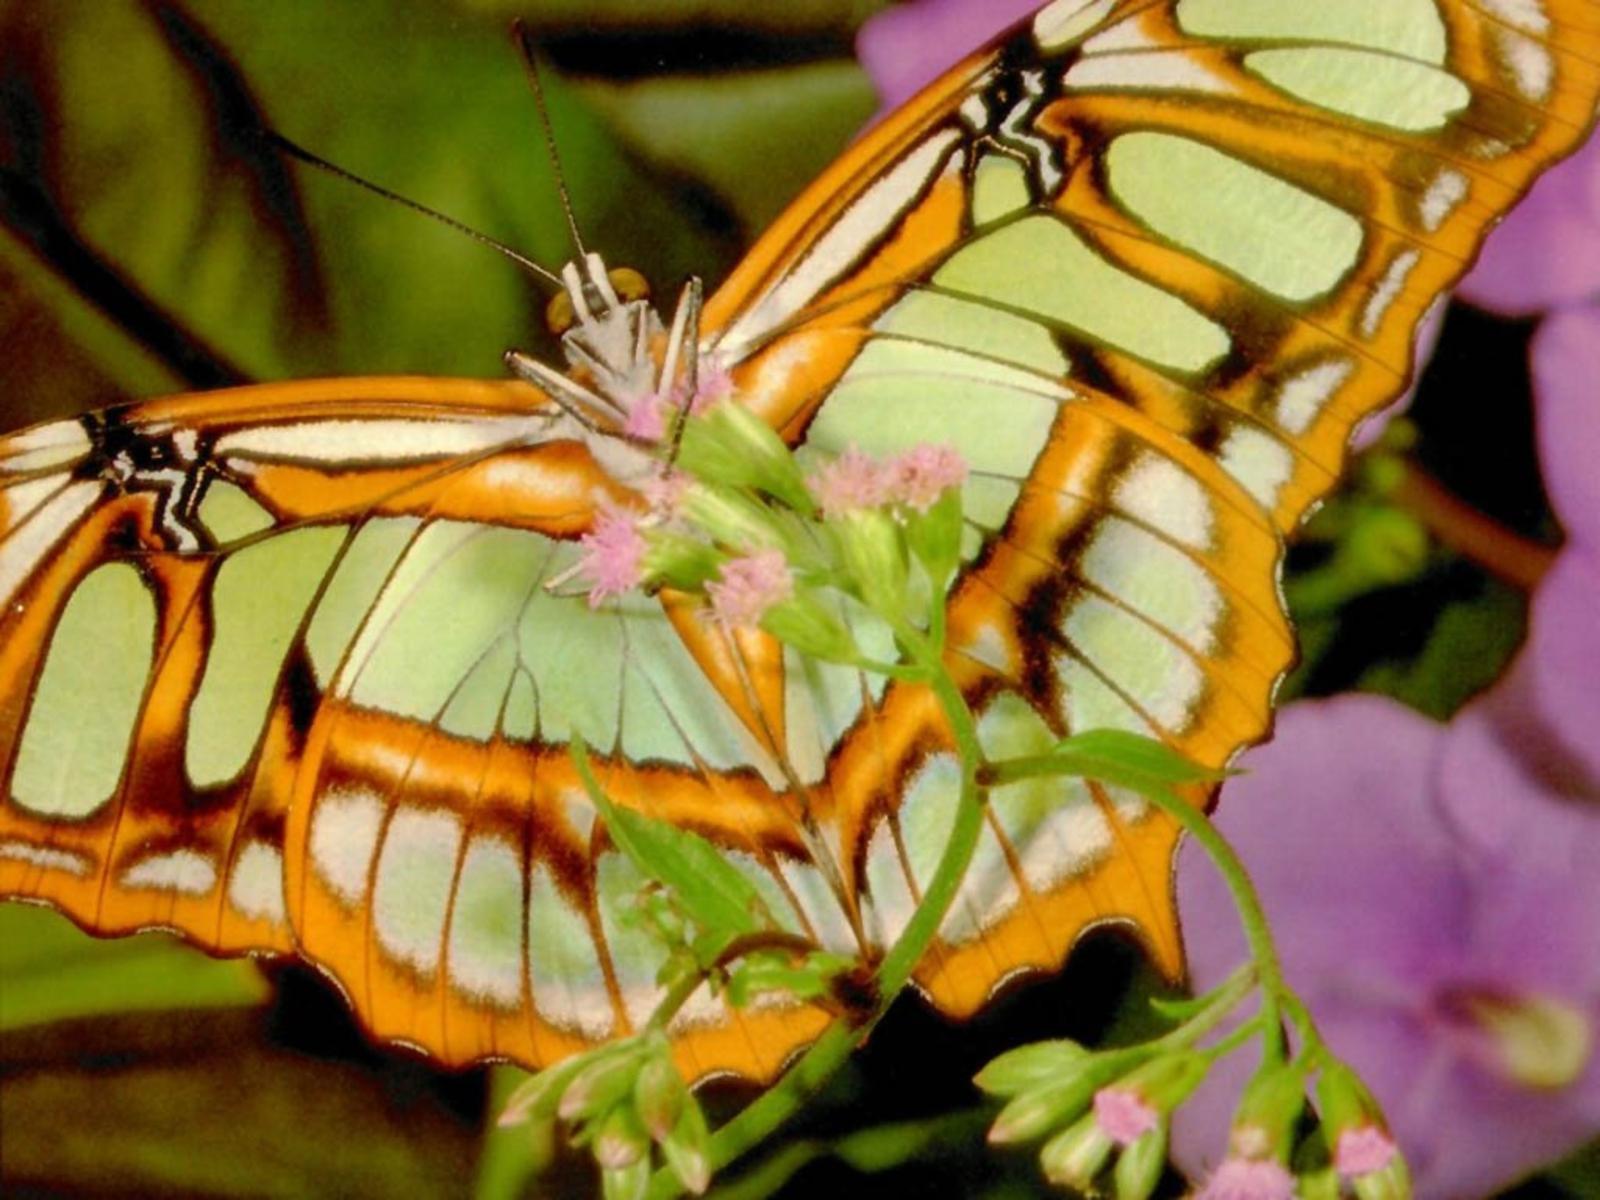 http://1.bp.blogspot.com/_Nke1Q0QgLLo/TQDCET80_uI/AAAAAAAABsI/1zjOtgu2dQ8/s1600/butterfly%252Bphoto.jpg%252B%2525252811%25252529.jpg